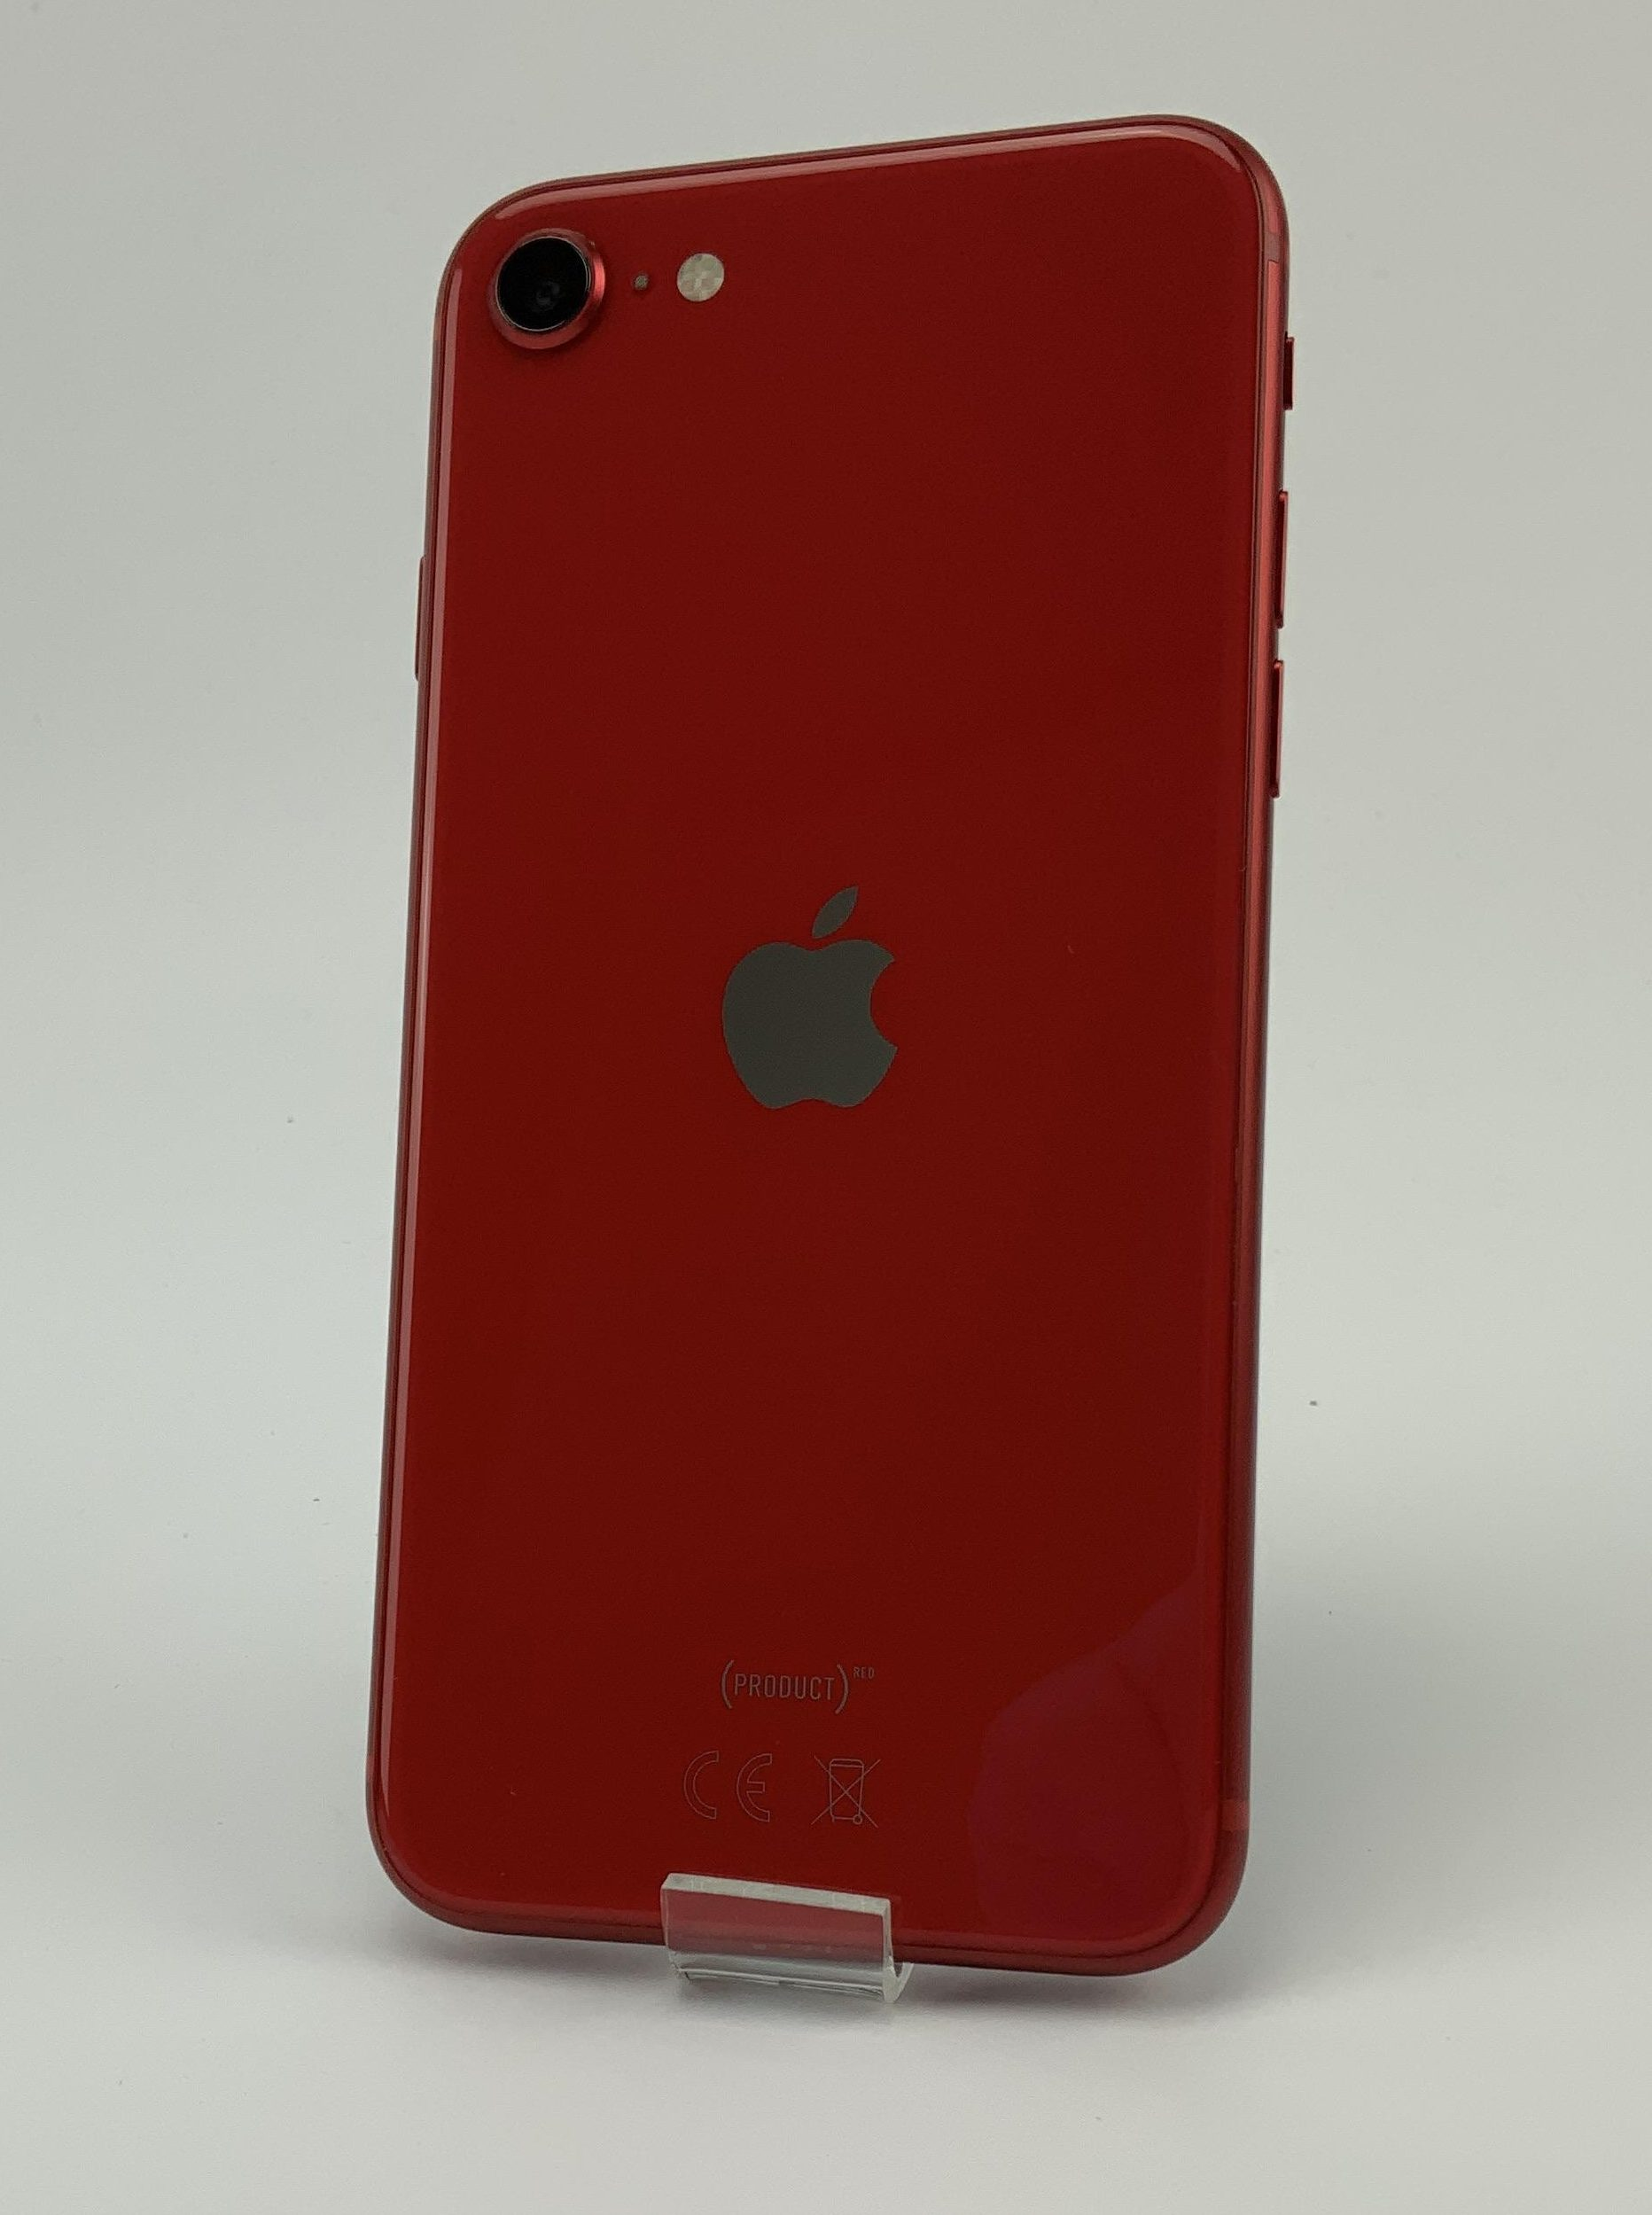 iPhone SE (2nd Gen) 64GB, 64GB, Red, Bild 2